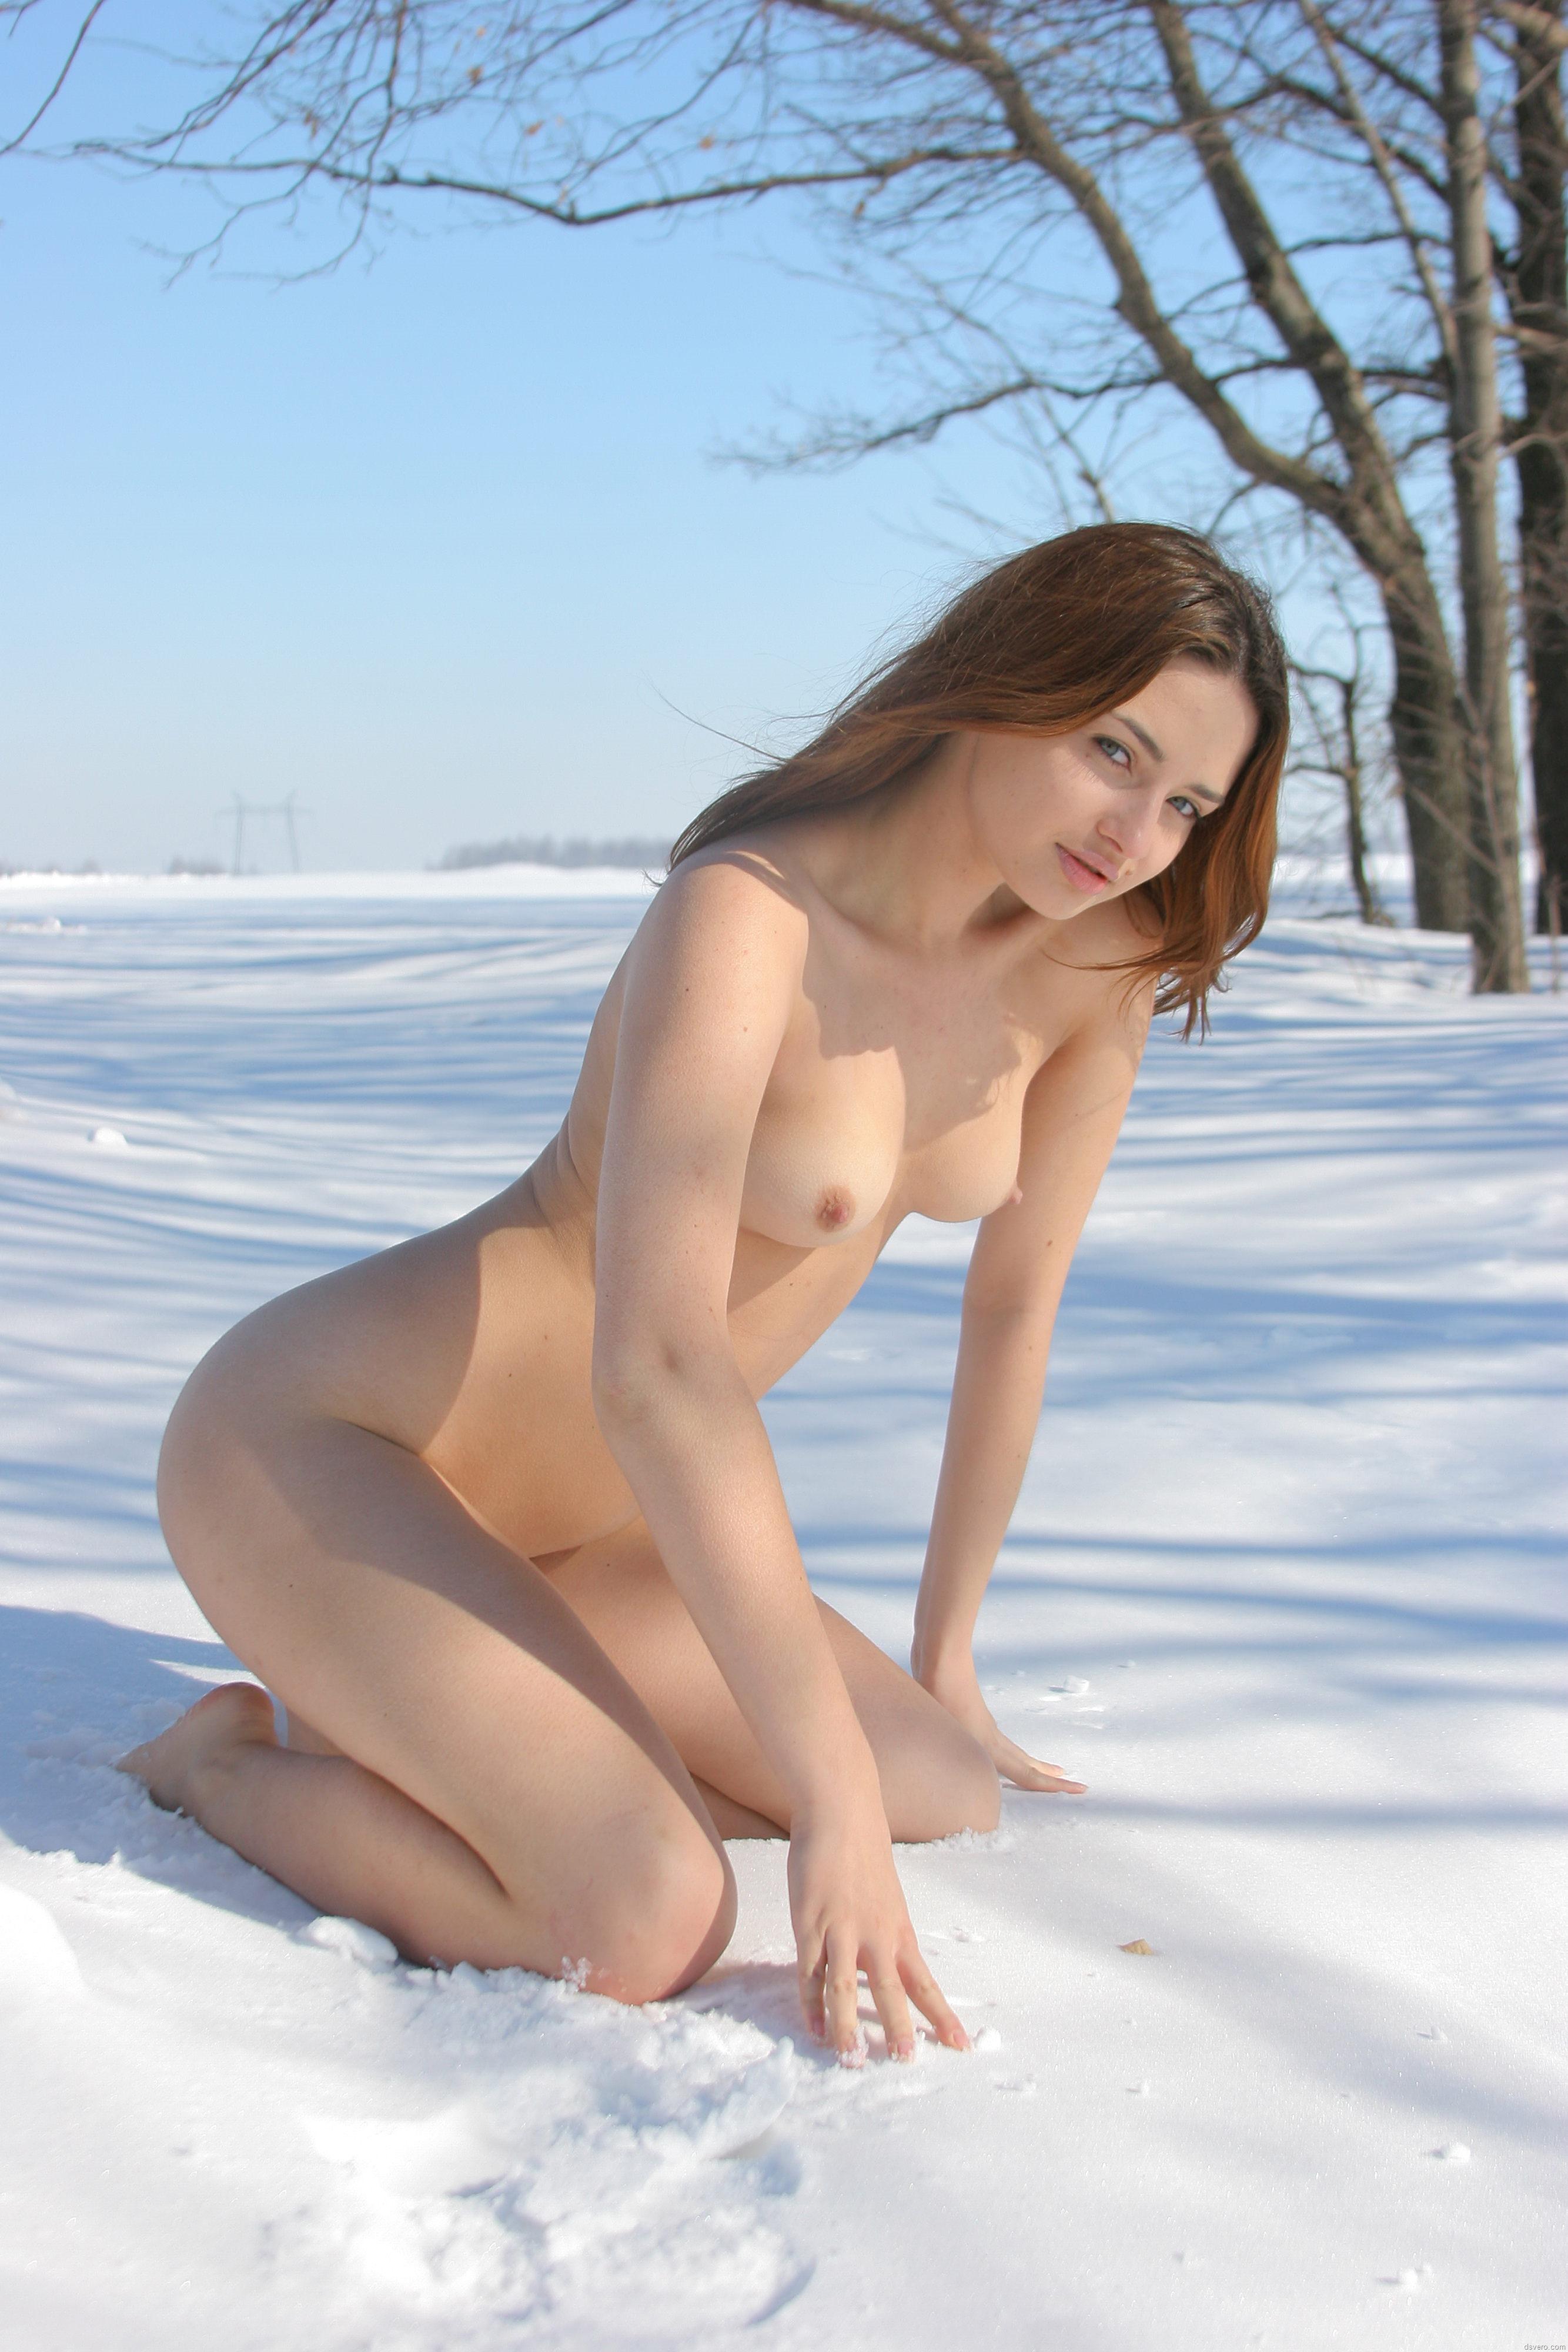 Снеговик трахает снегурочек 21 фотография